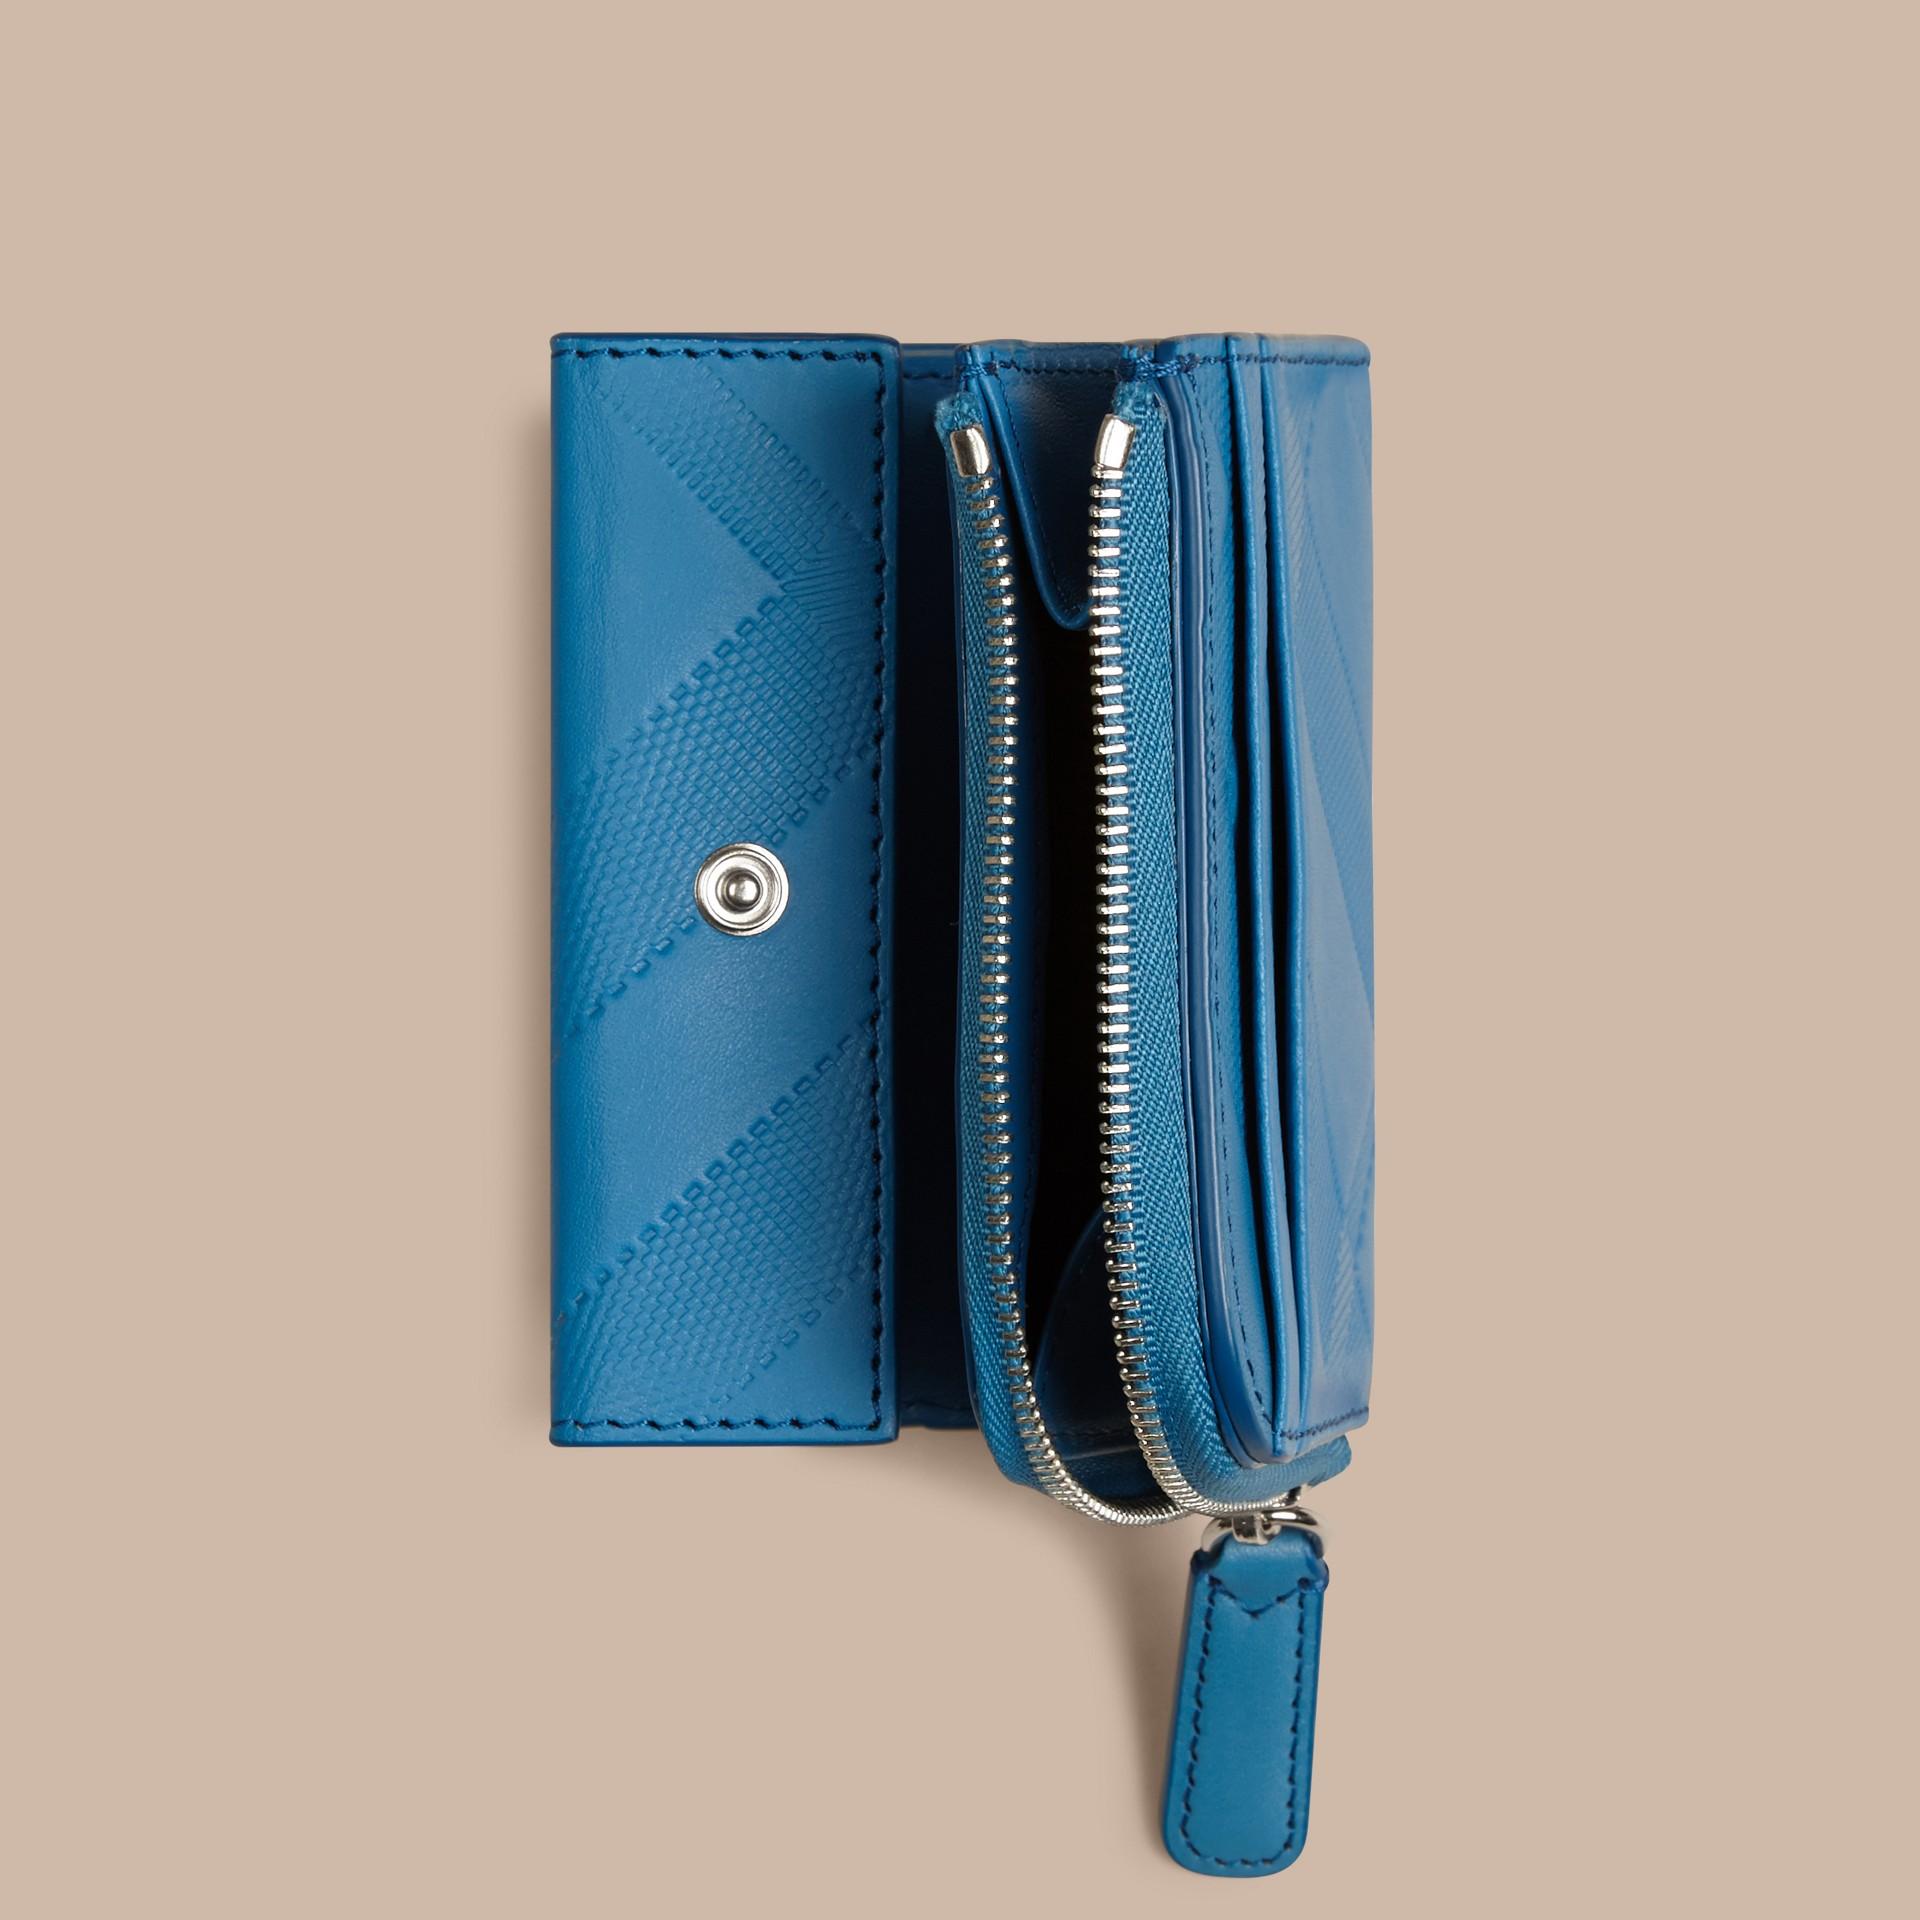 Azul azure Carteira dobrável de couro com padrão xadrez em relevo Azul Azure - galeria de imagens 5